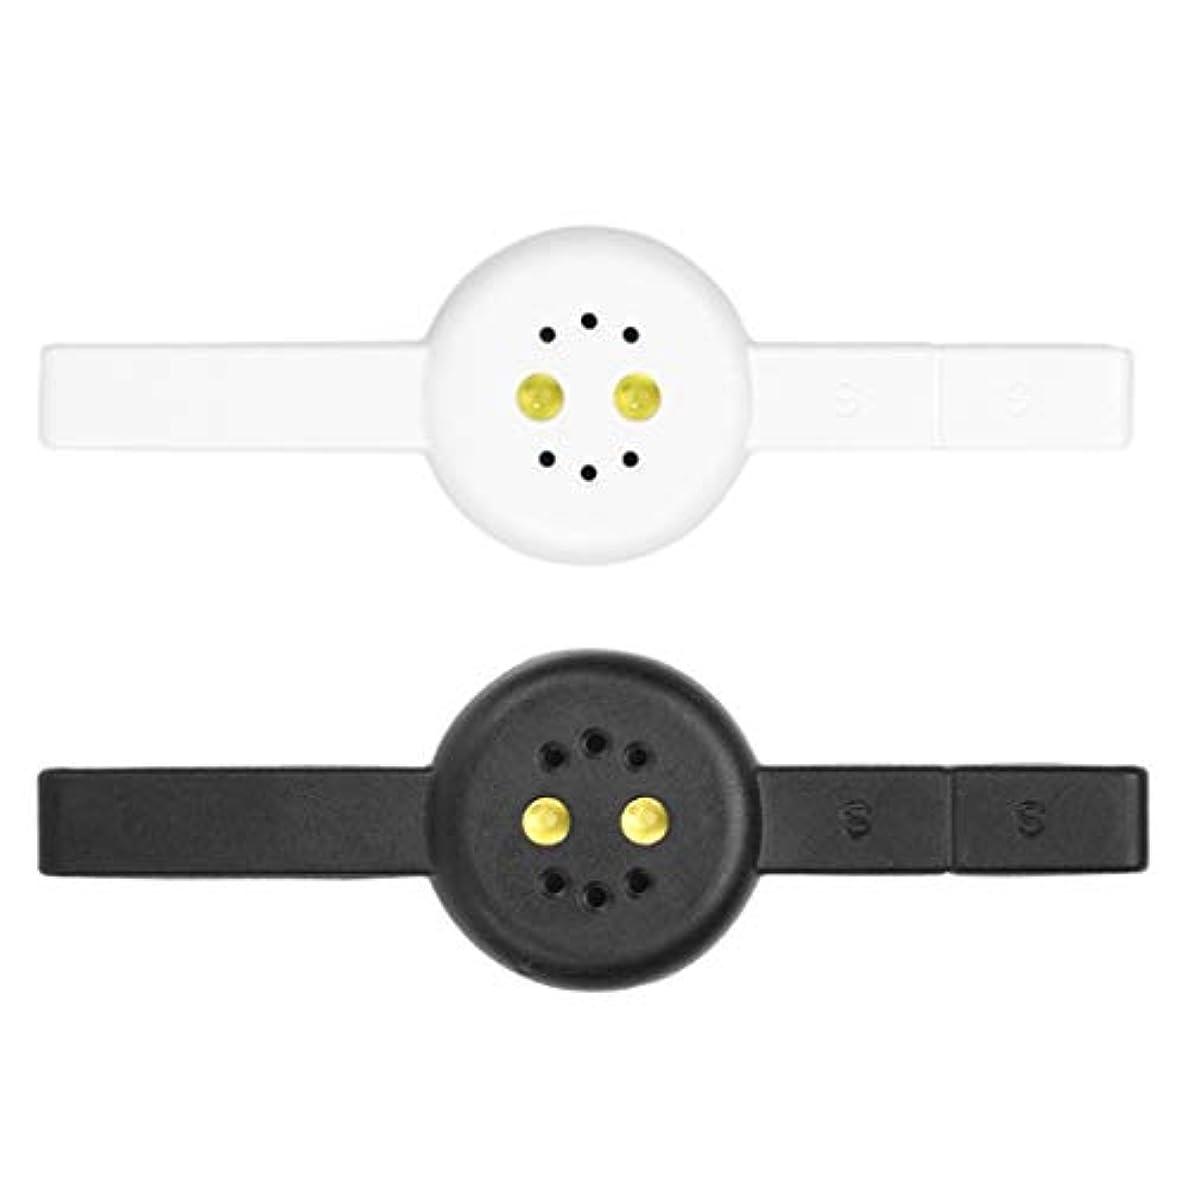 帳面囲む抽出DYNWAVE キャットアイUVジェルポリッシュ磁気光線療法ライトネイルドライヤー硬化ランプ2倍